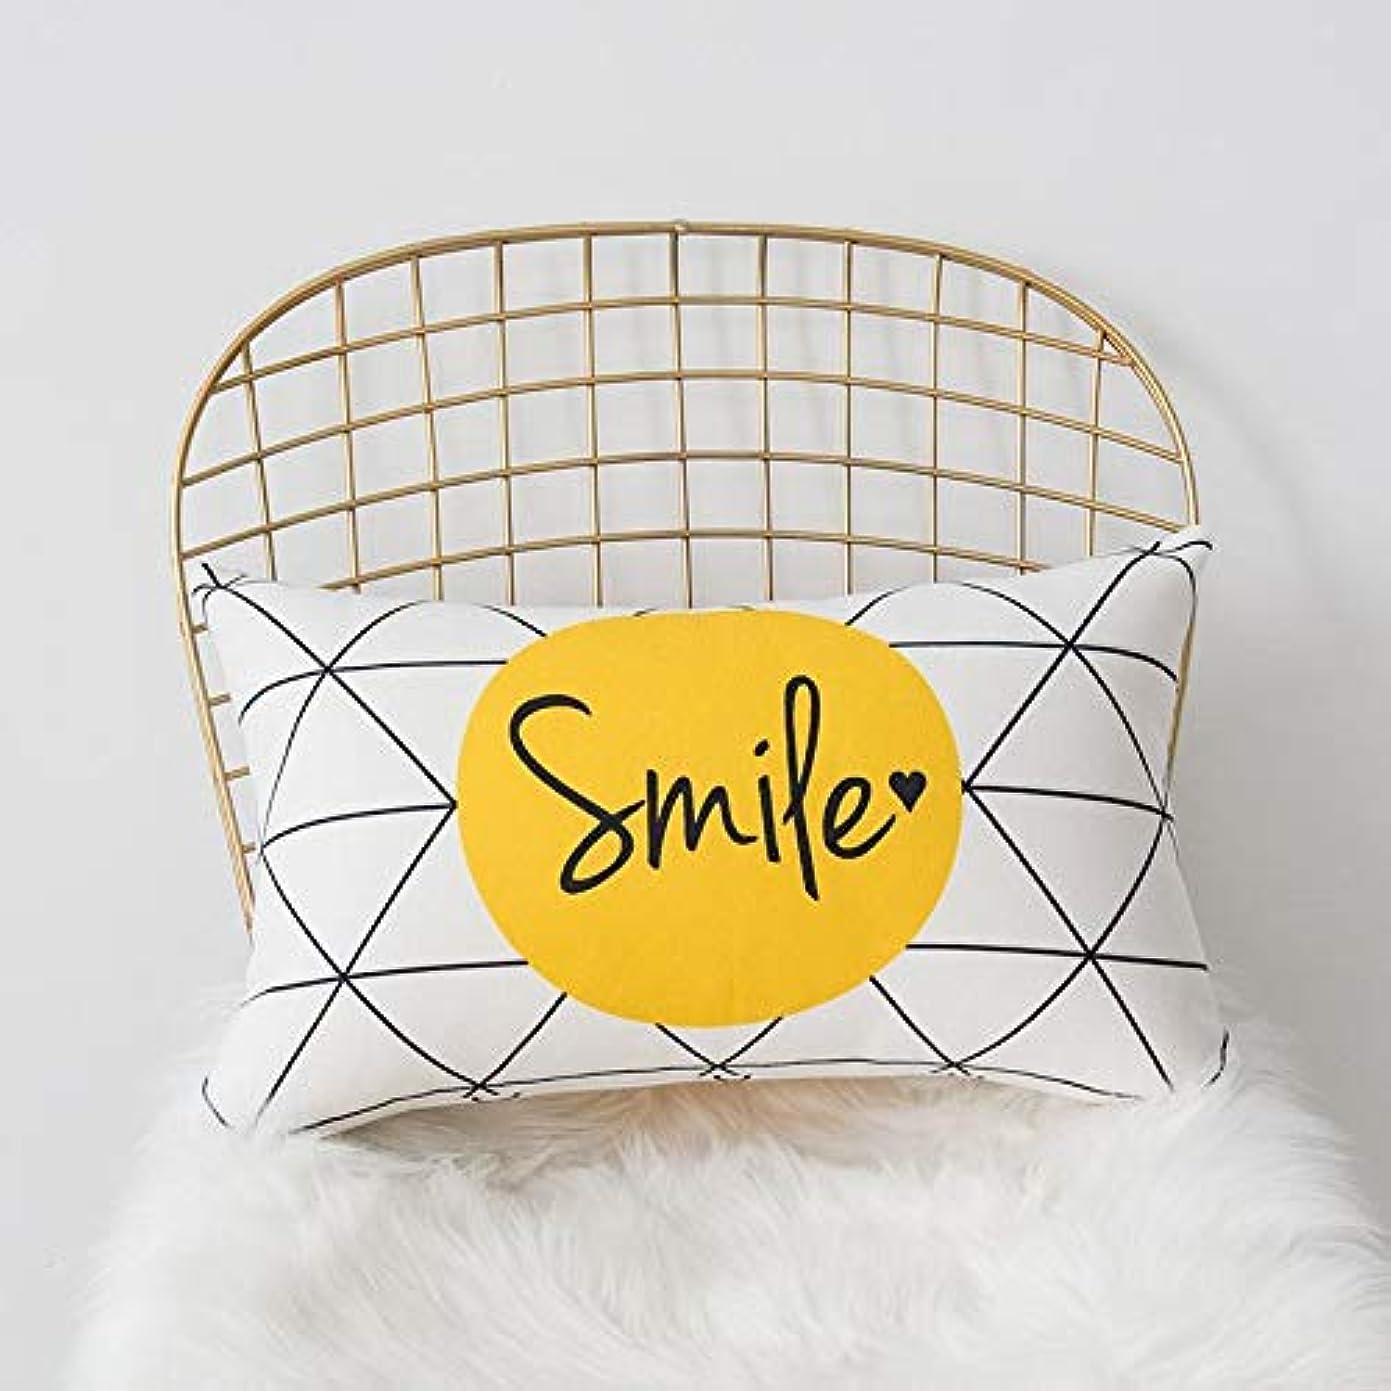 間違っているゆりかご陪審LIFE 黄色グレー枕北欧スタイル黄色ヘラジカ幾何枕リビングルームのインテリアソファクッション Cojines 装飾良質 クッション 椅子